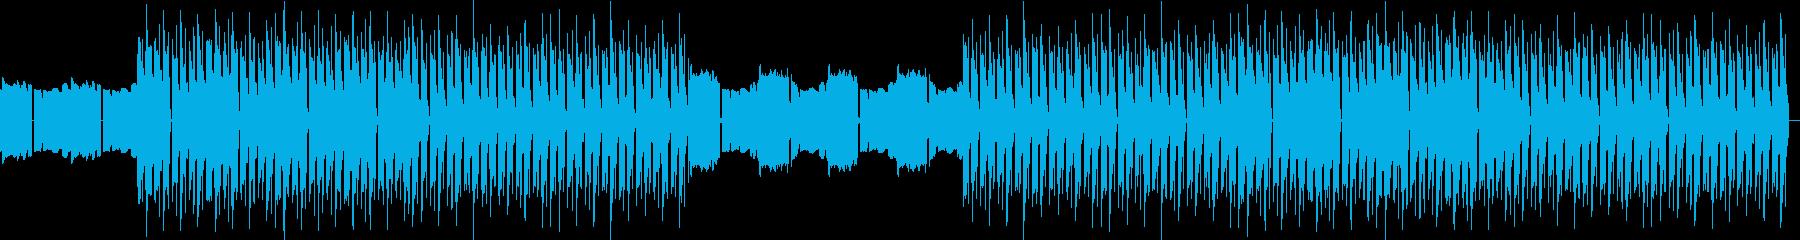 おしゃれ不気味・緊張感・EDM・近未来的の再生済みの波形